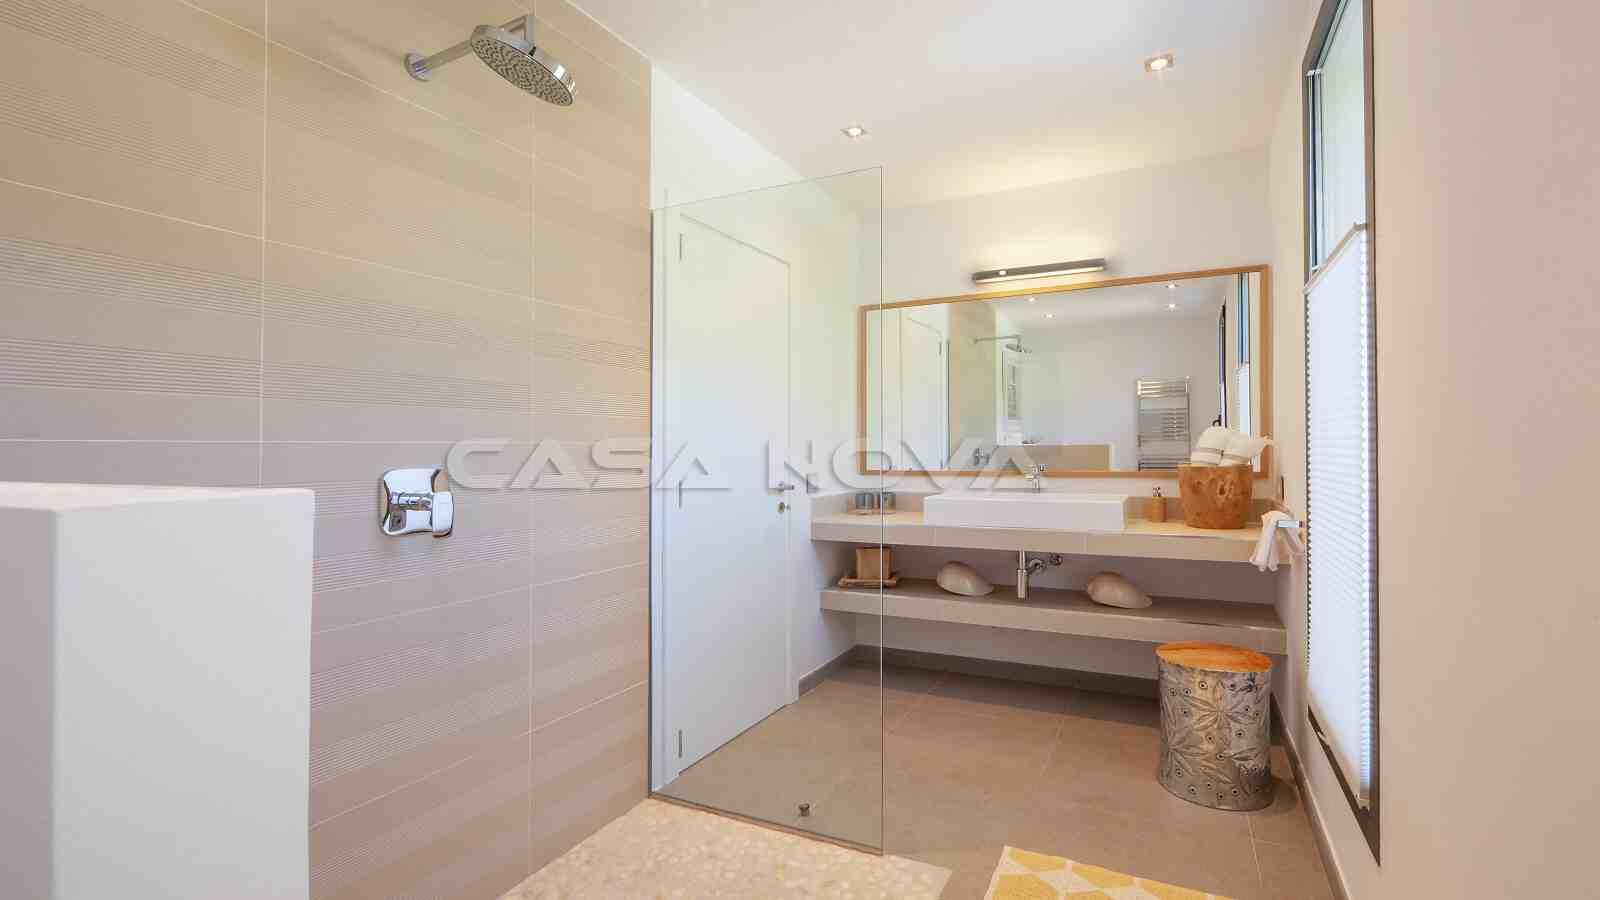 Modernes Badezimmer mit großer Glasdusche